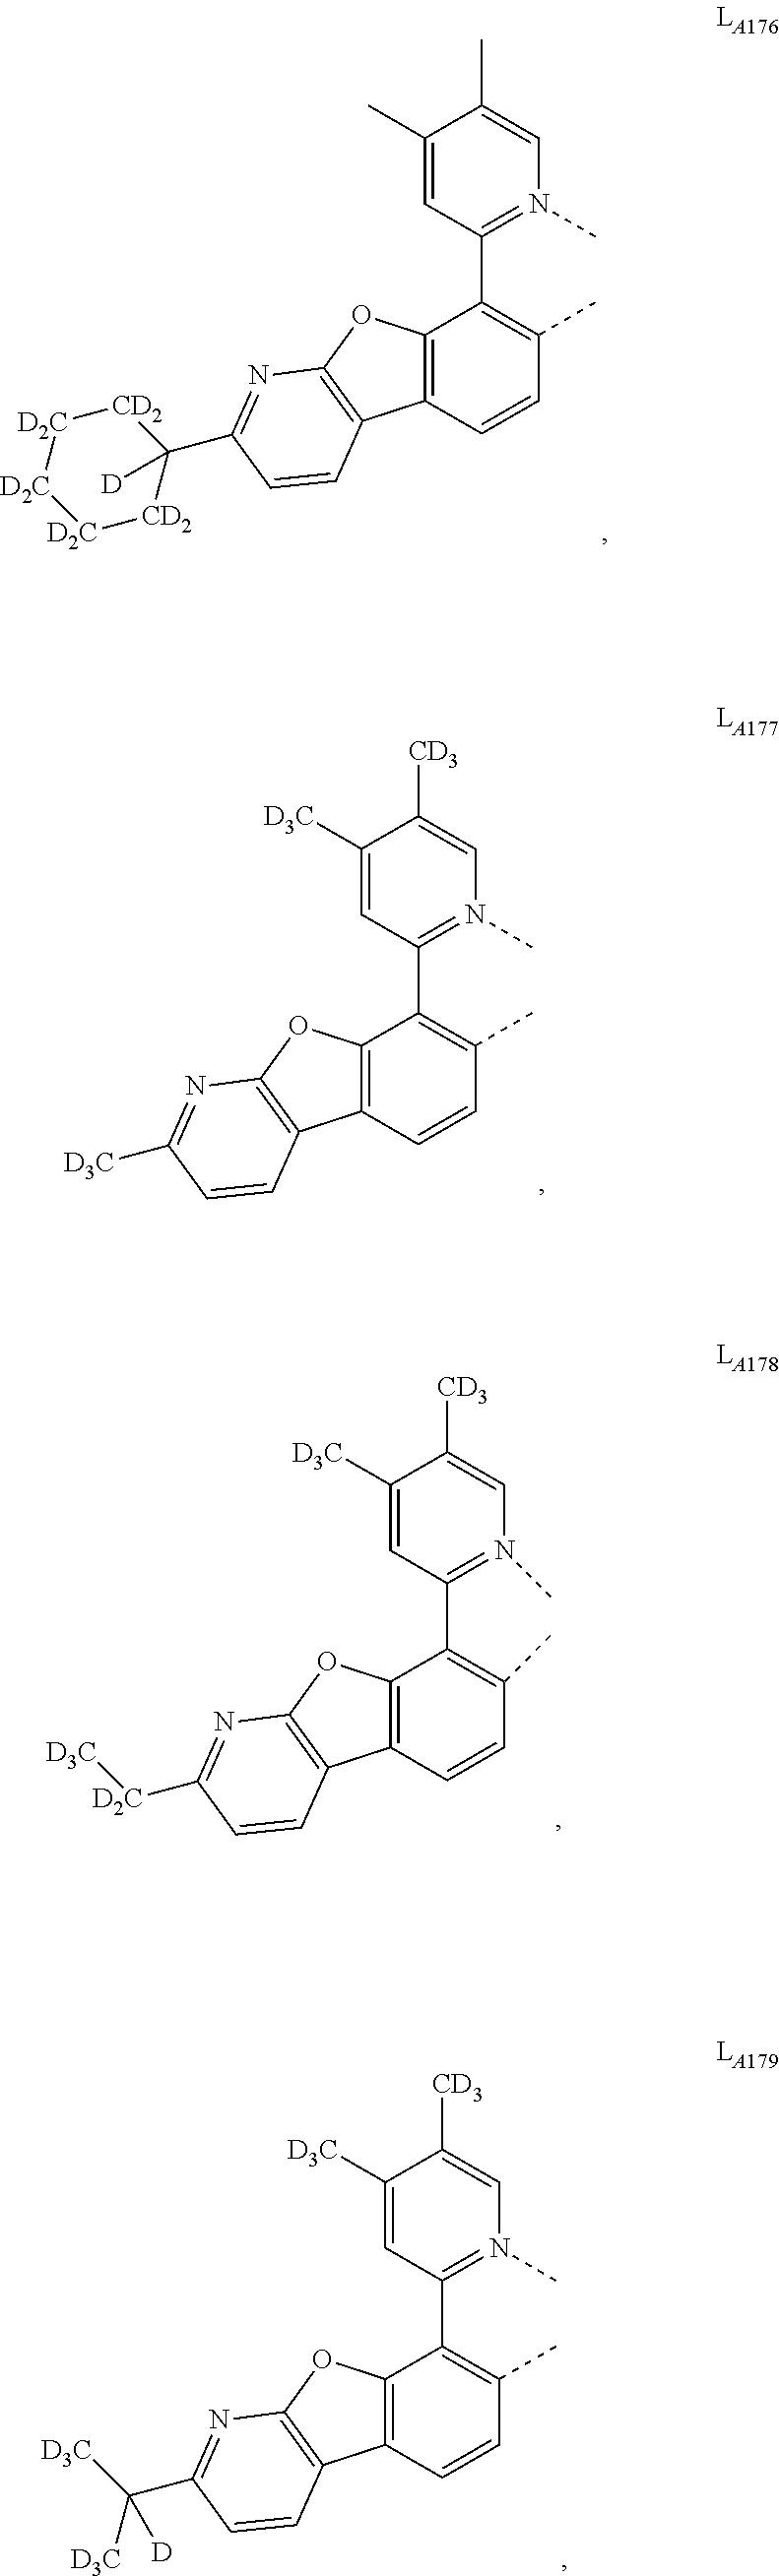 Figure US20160049599A1-20160218-C00049